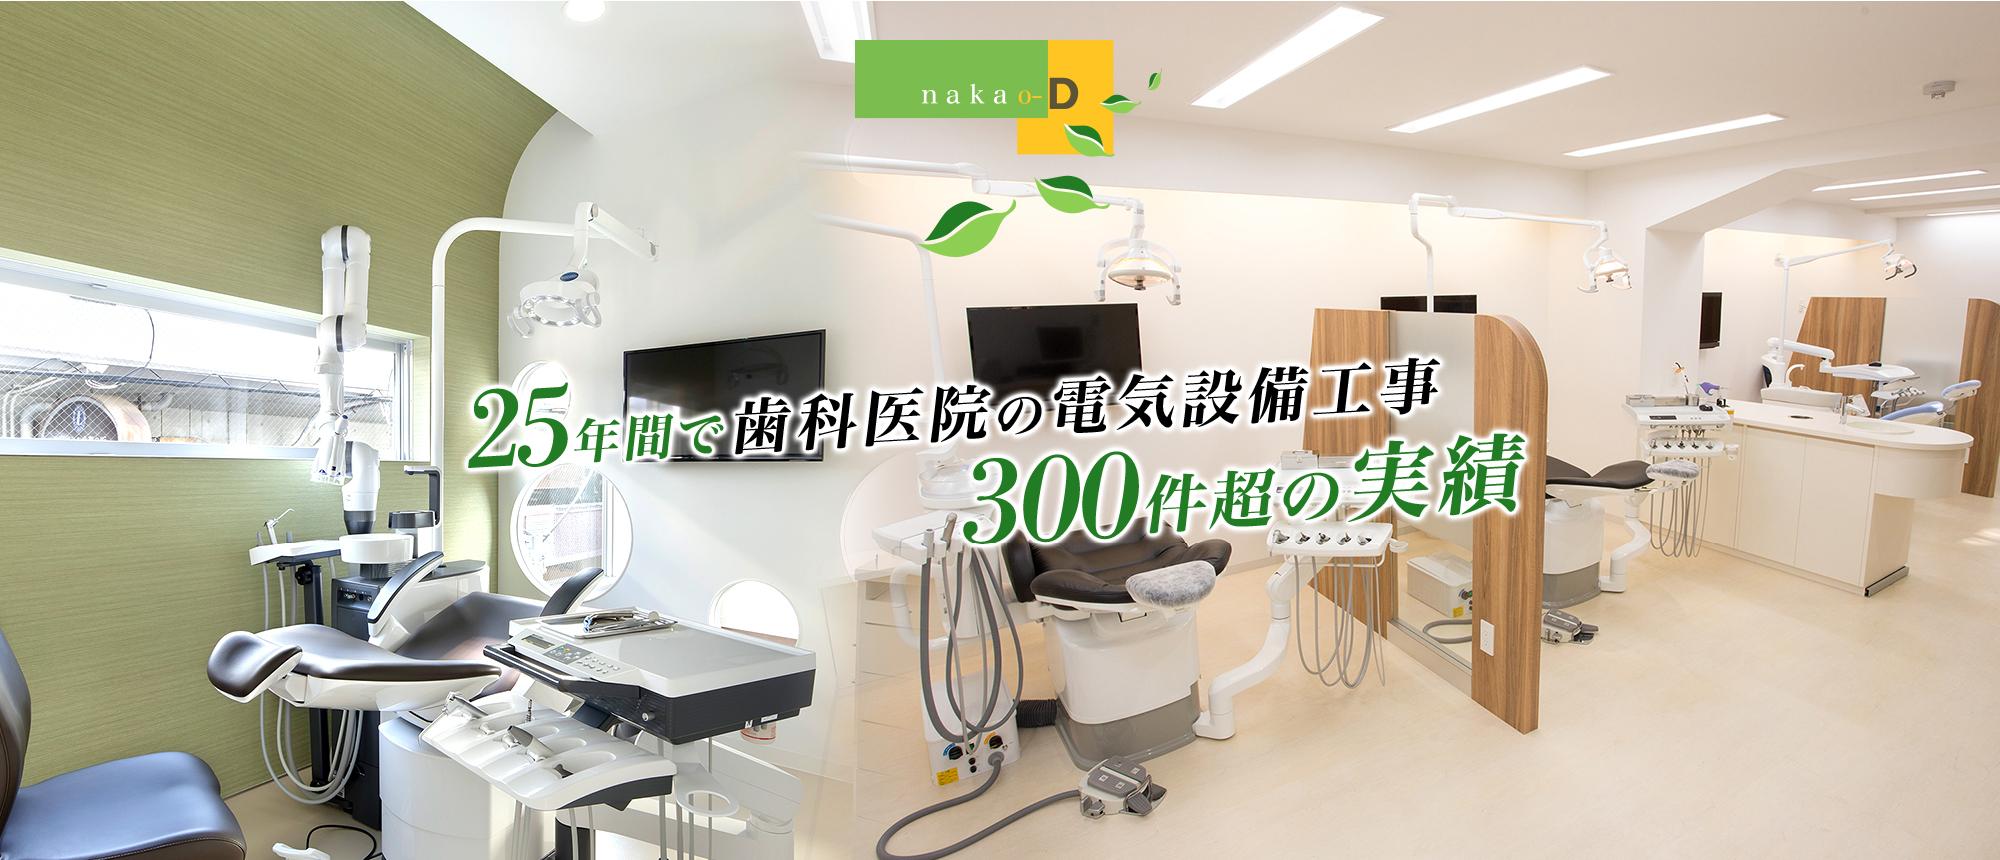 25年間で歯科医院の電機設備工事300件超の実績